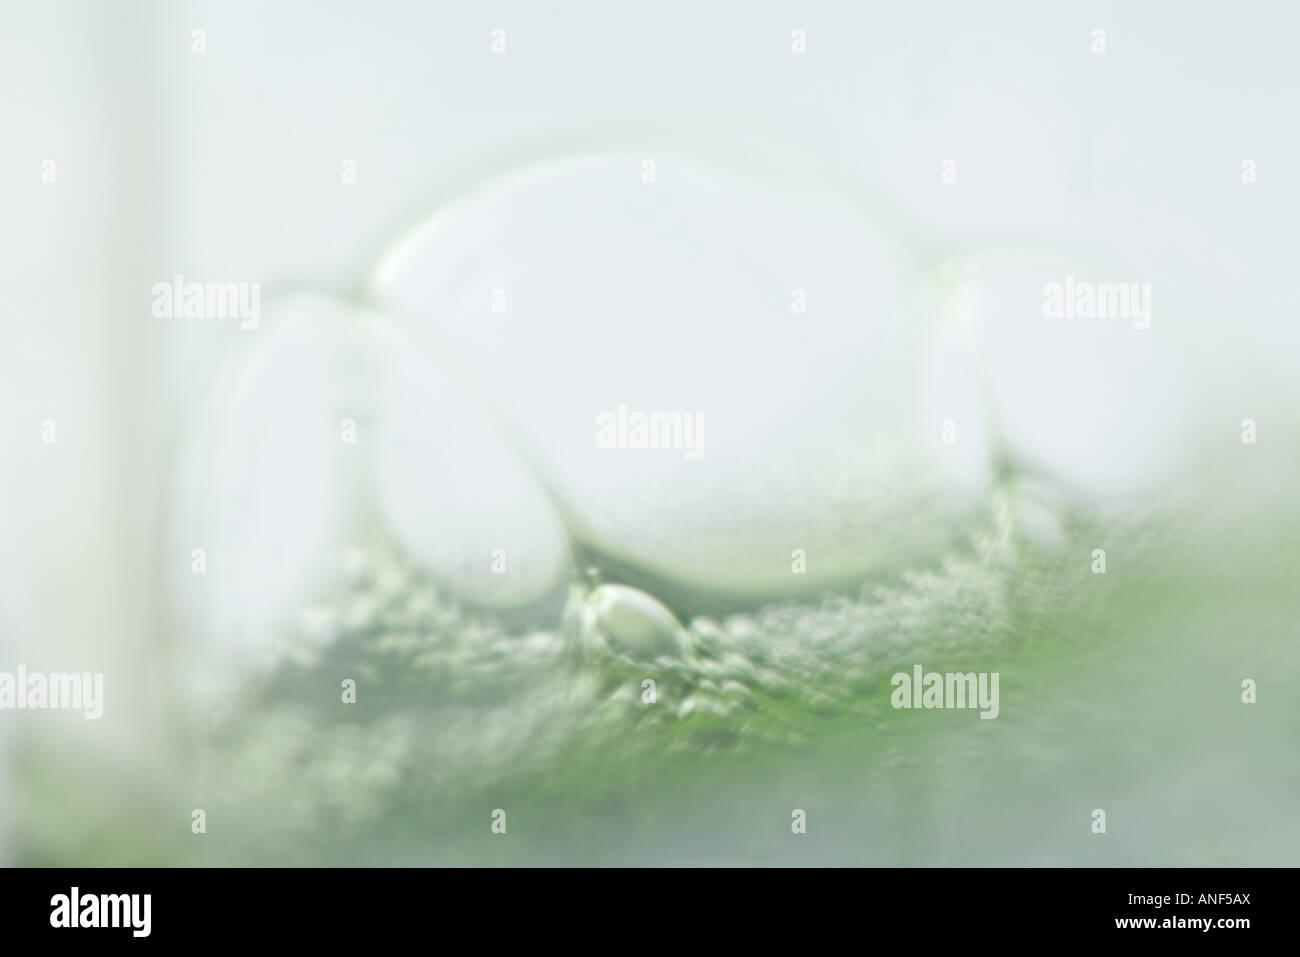 Luftblasen im grünen Stoff, extreme Nahaufnahme Stockbild